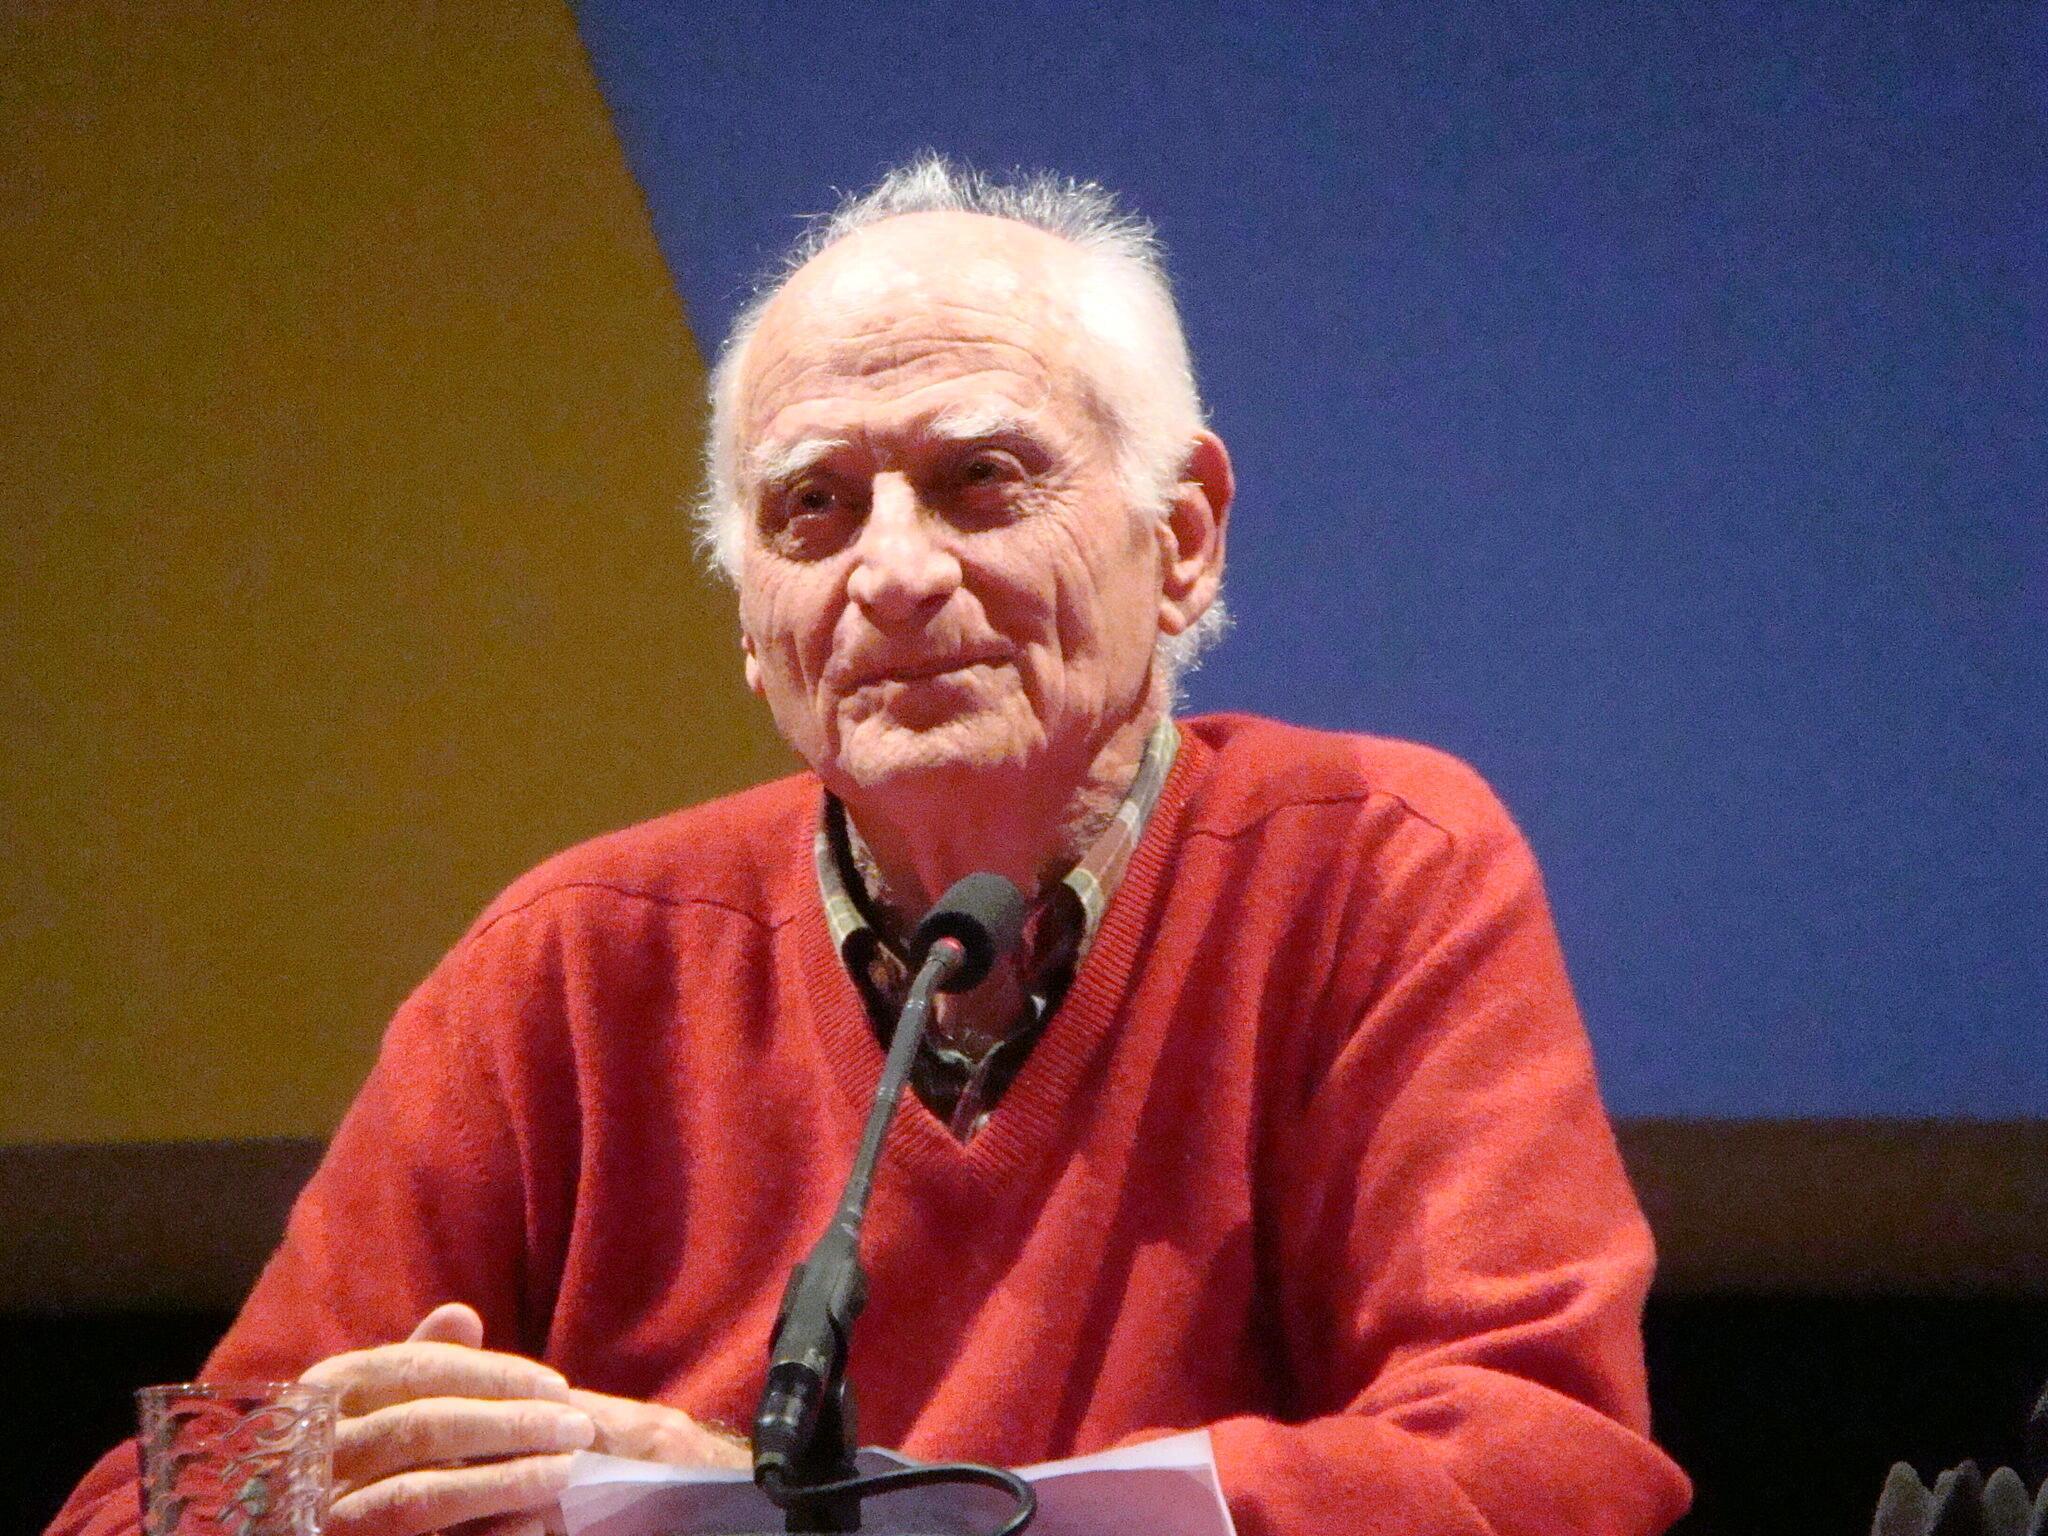 میشل سِر، فیلسوف سرشناس فرانسه – ١۵ فوریه ٢٠١١